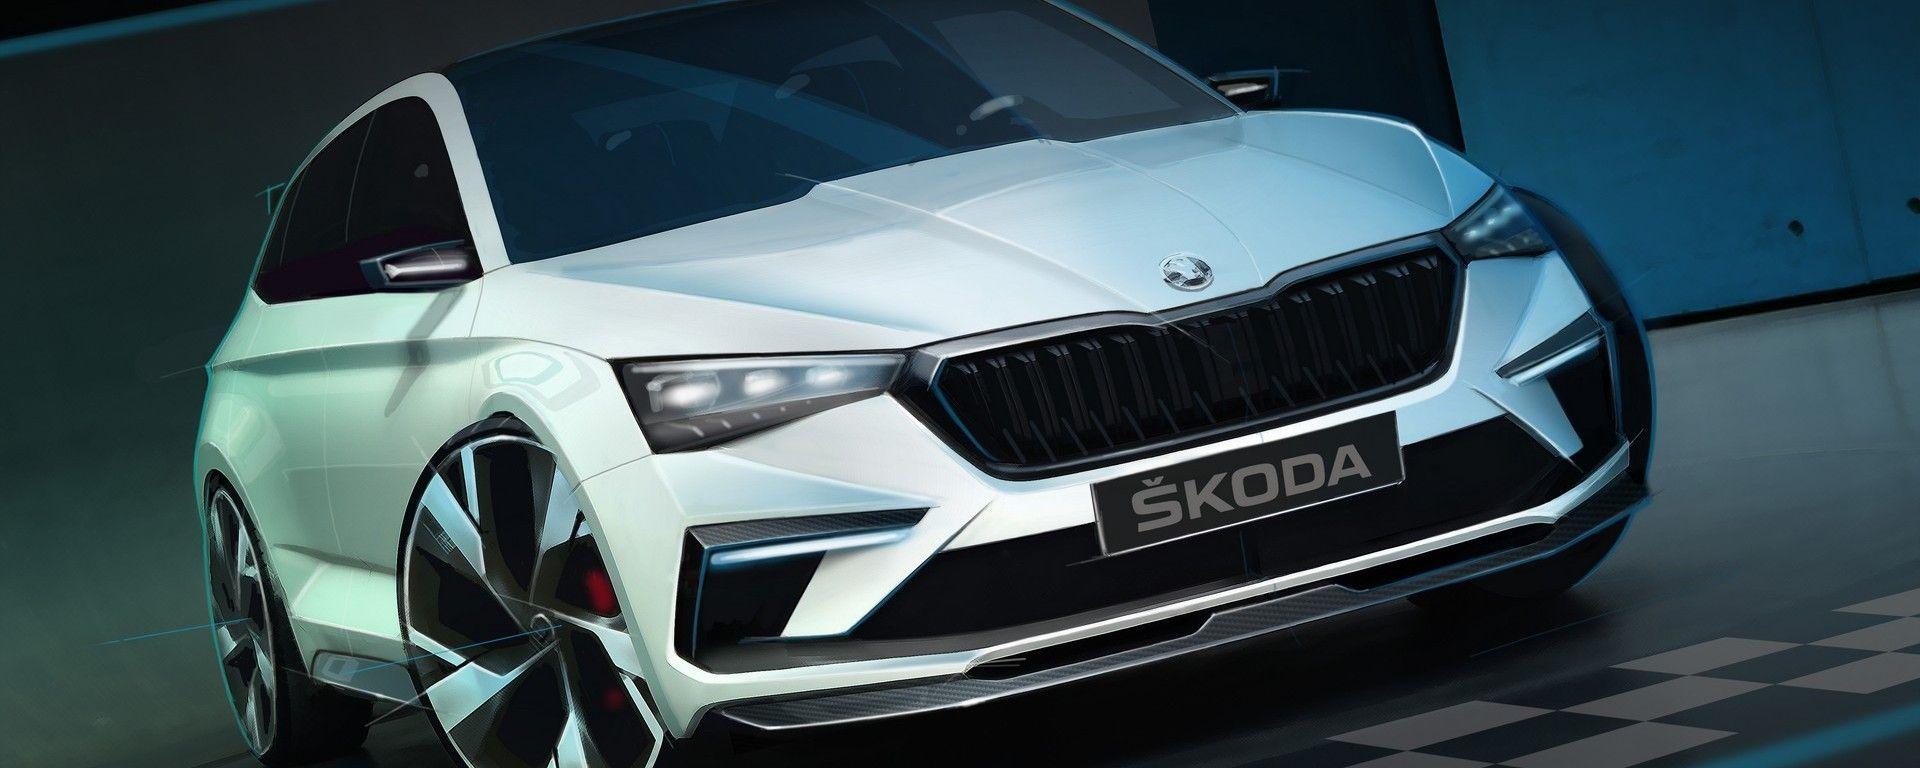 Skoda: uno studio di design per la concept Vision RS, che anticipa gli stilemi dei modelli futuri